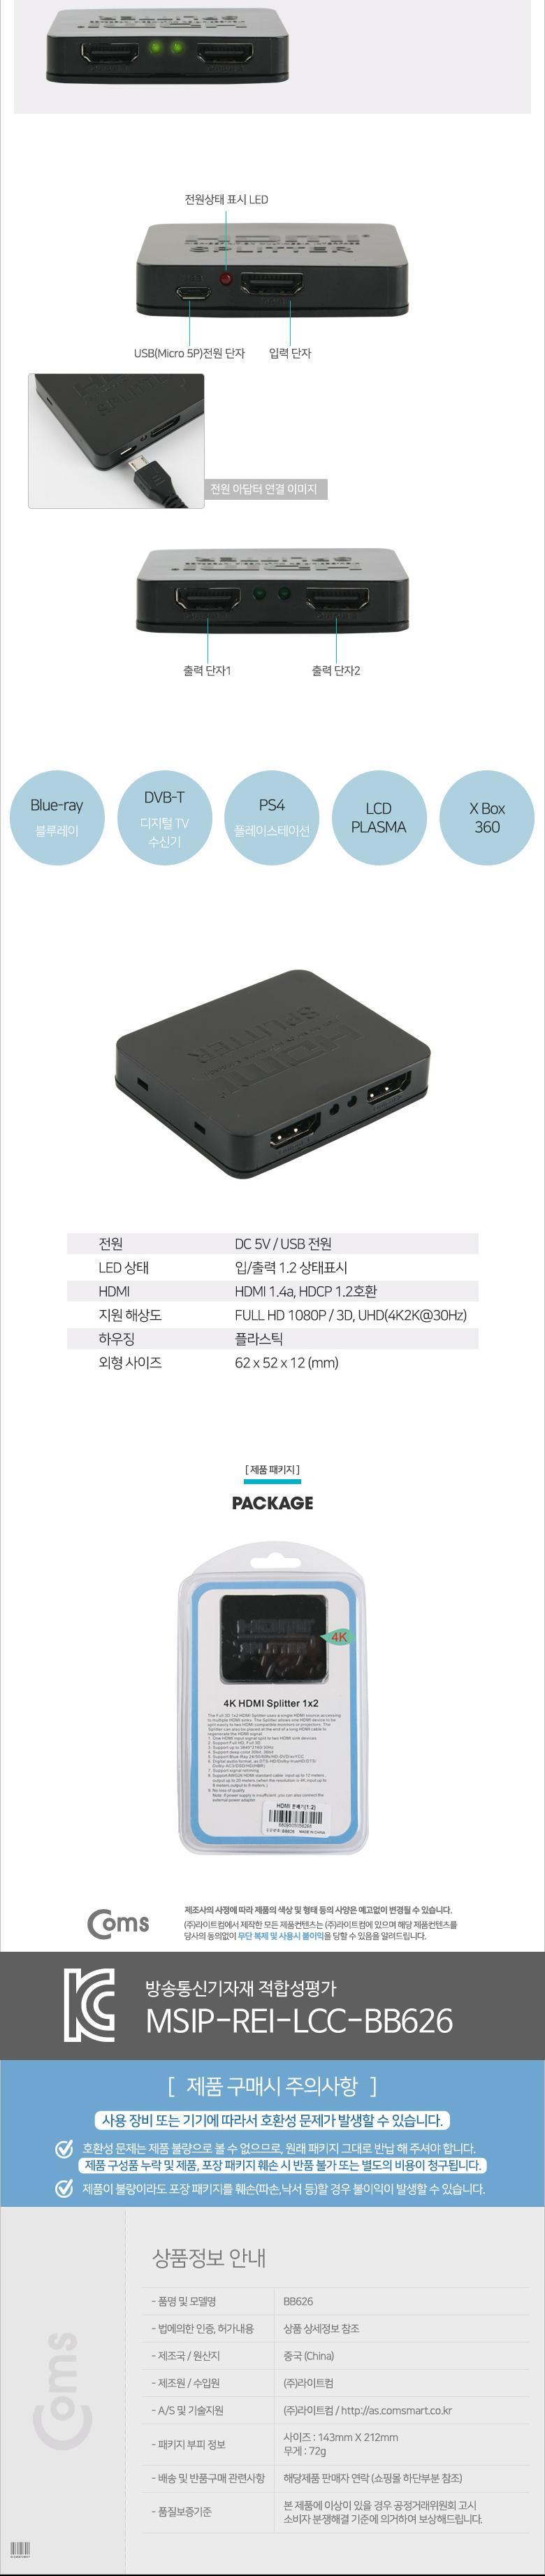 BB626 Coms HDMI 분배기(1:2) - 4K. USB 전원 영상분배기 화면분배기 화면분할기 화면분할 PC분배기 모니터분배 분배기 HDMI분배기 모니터분배기 HDMI분배 HDMI2포트 HDMI모니터분배기 영상분배 PC모니터분배기